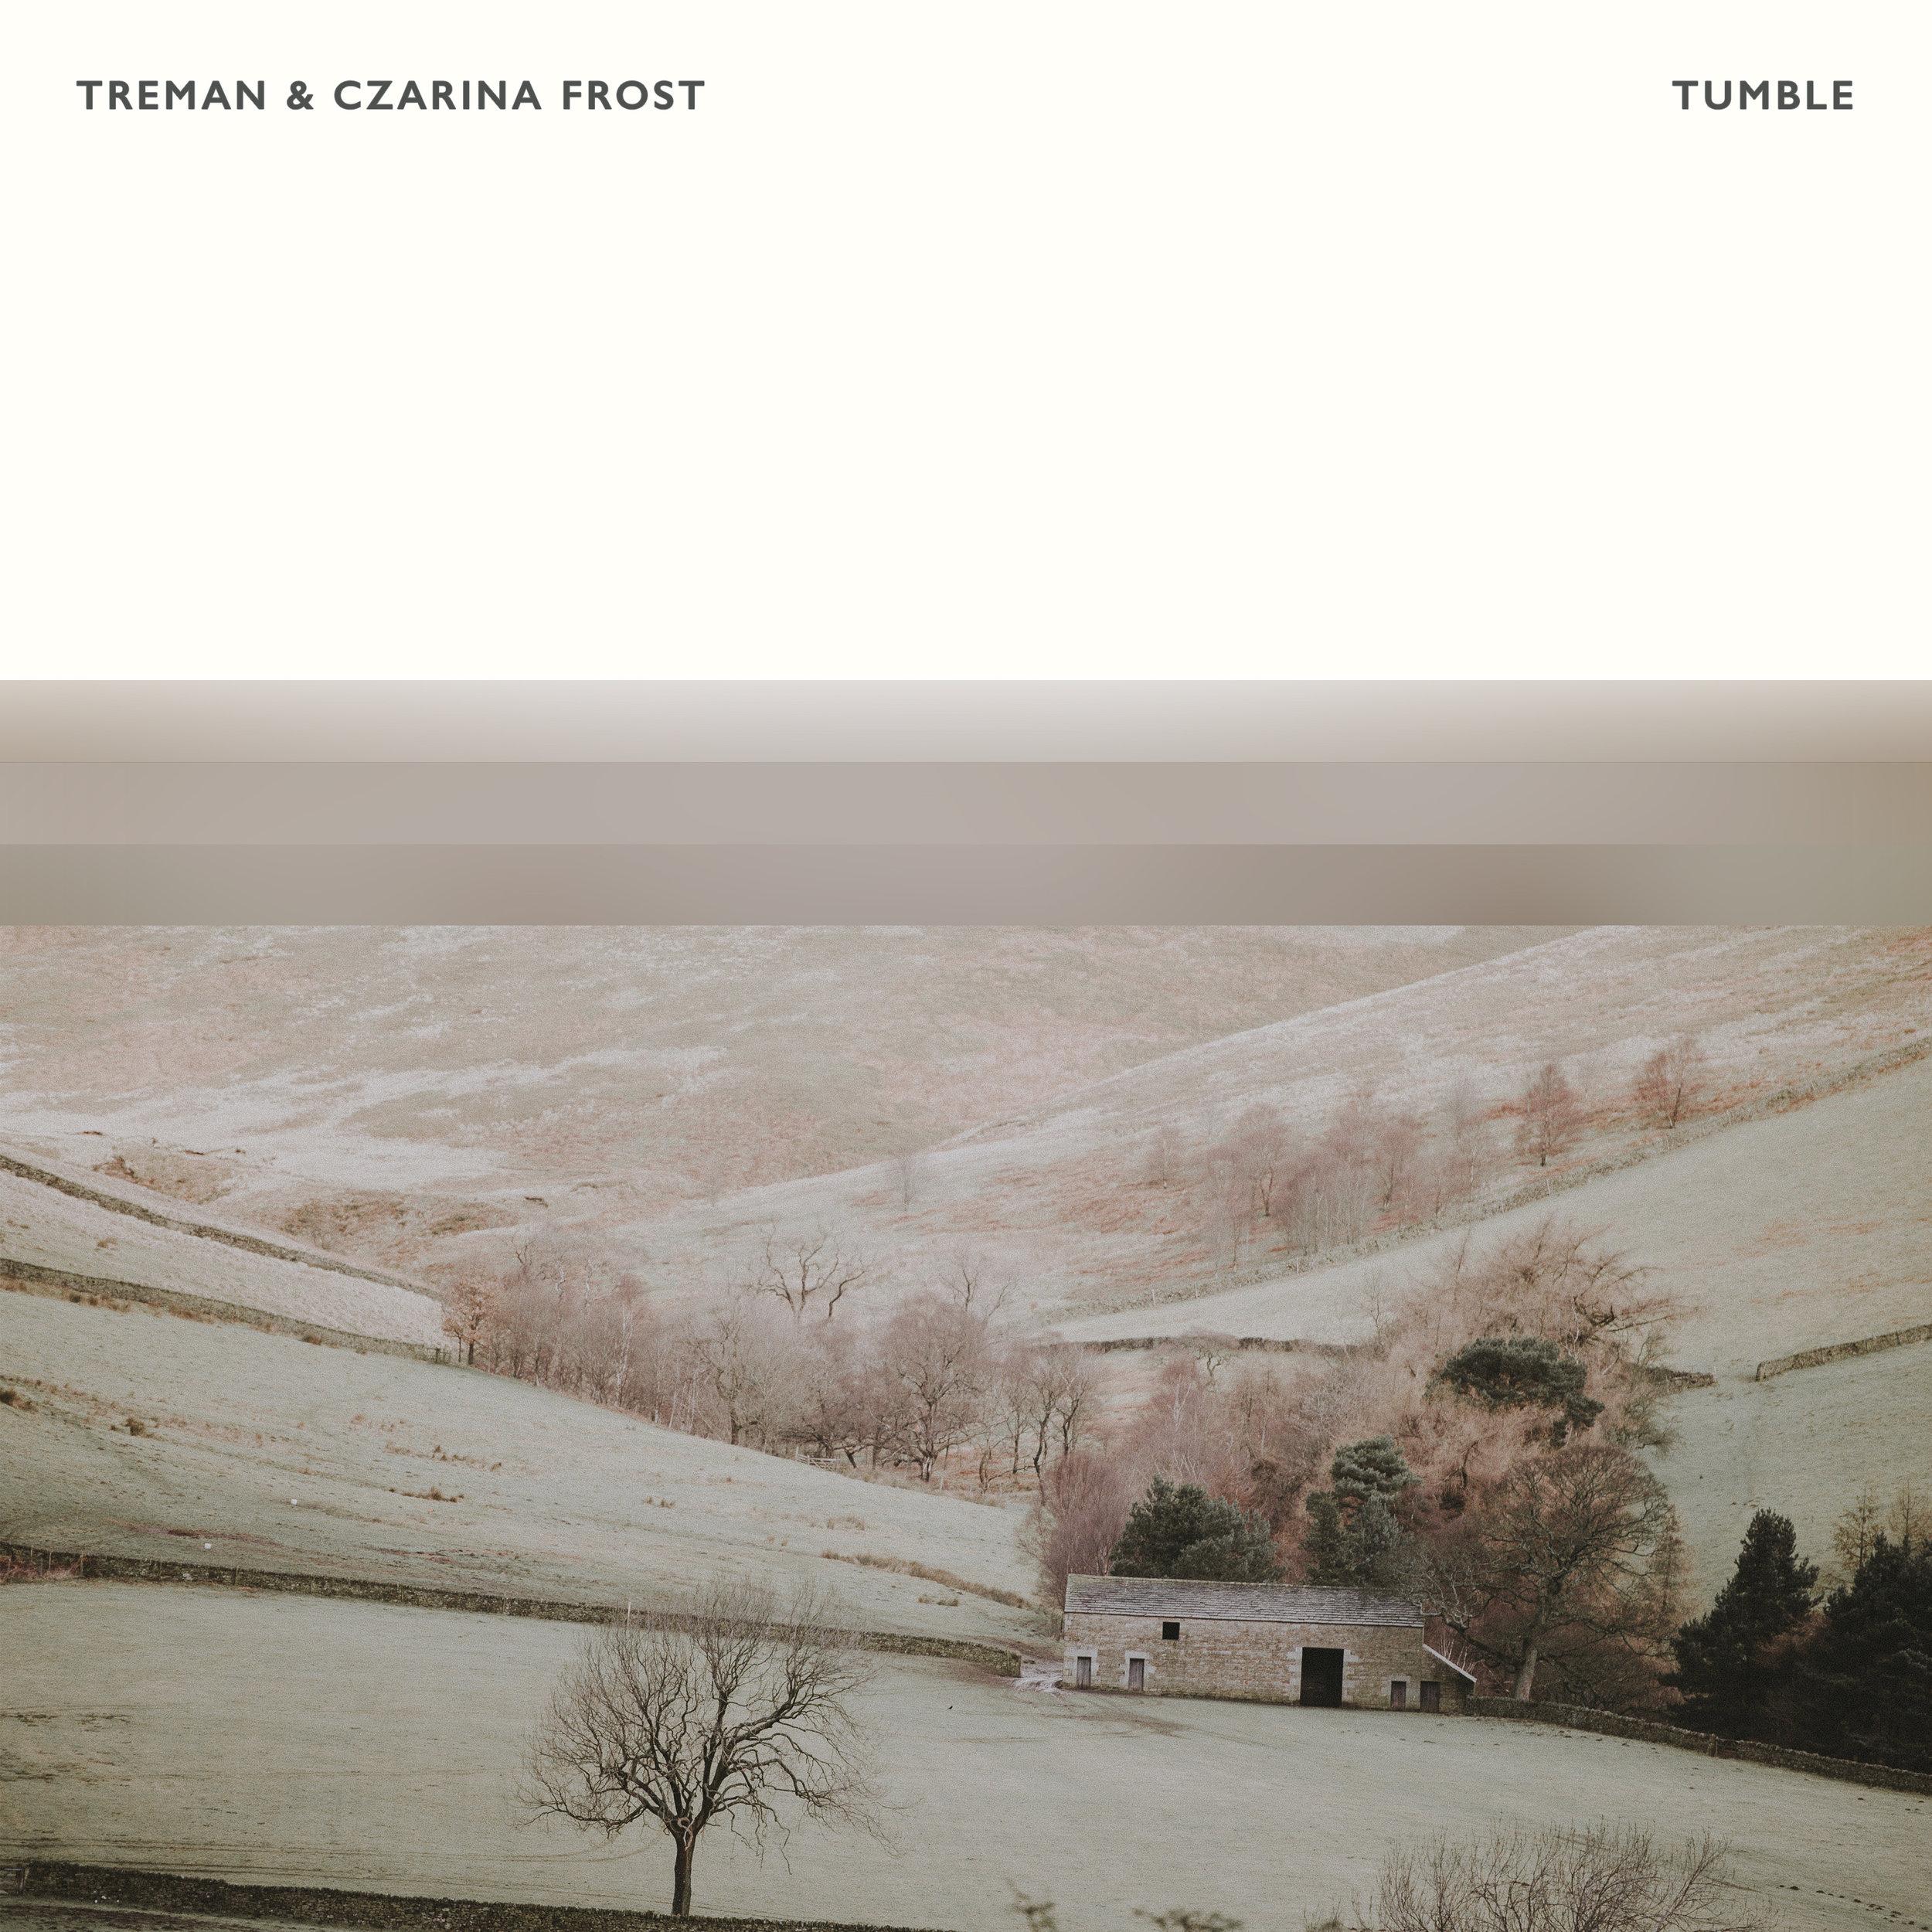 Treman & Czarina Frost - Tumble